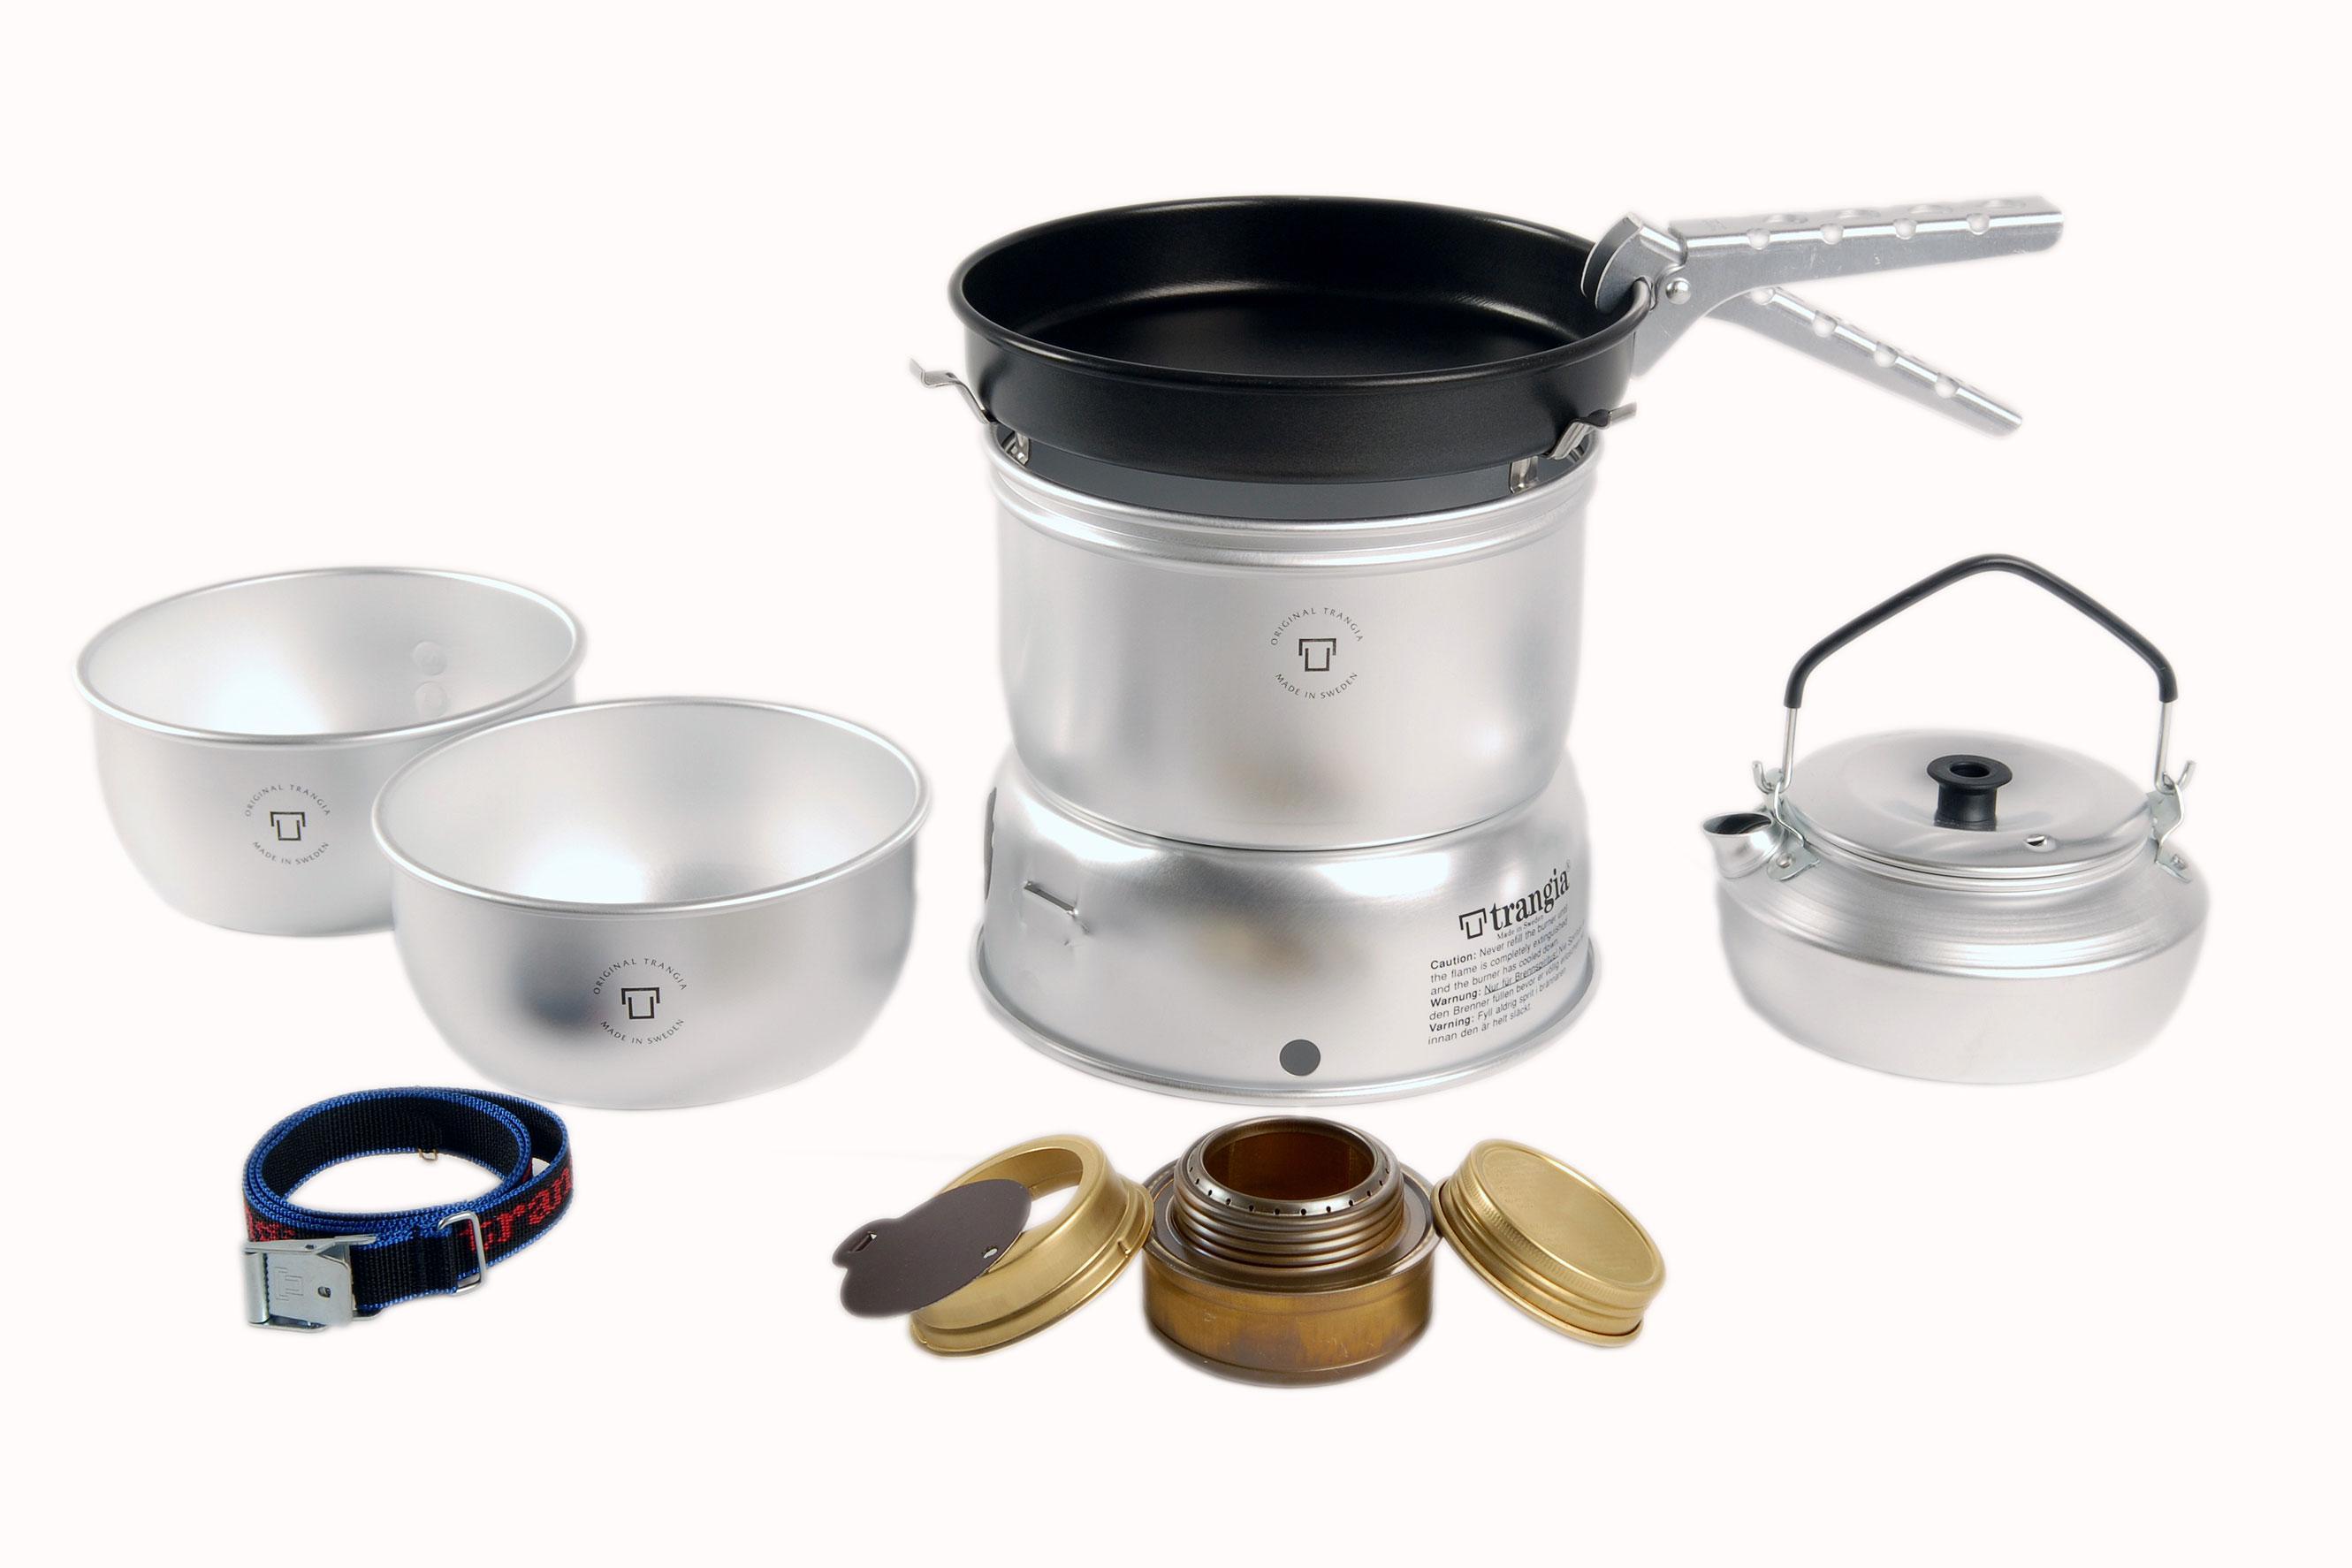 Foto hornillo y utensilios de cocina trangia 25 6 foto for Utensilios de cocina de aluminio